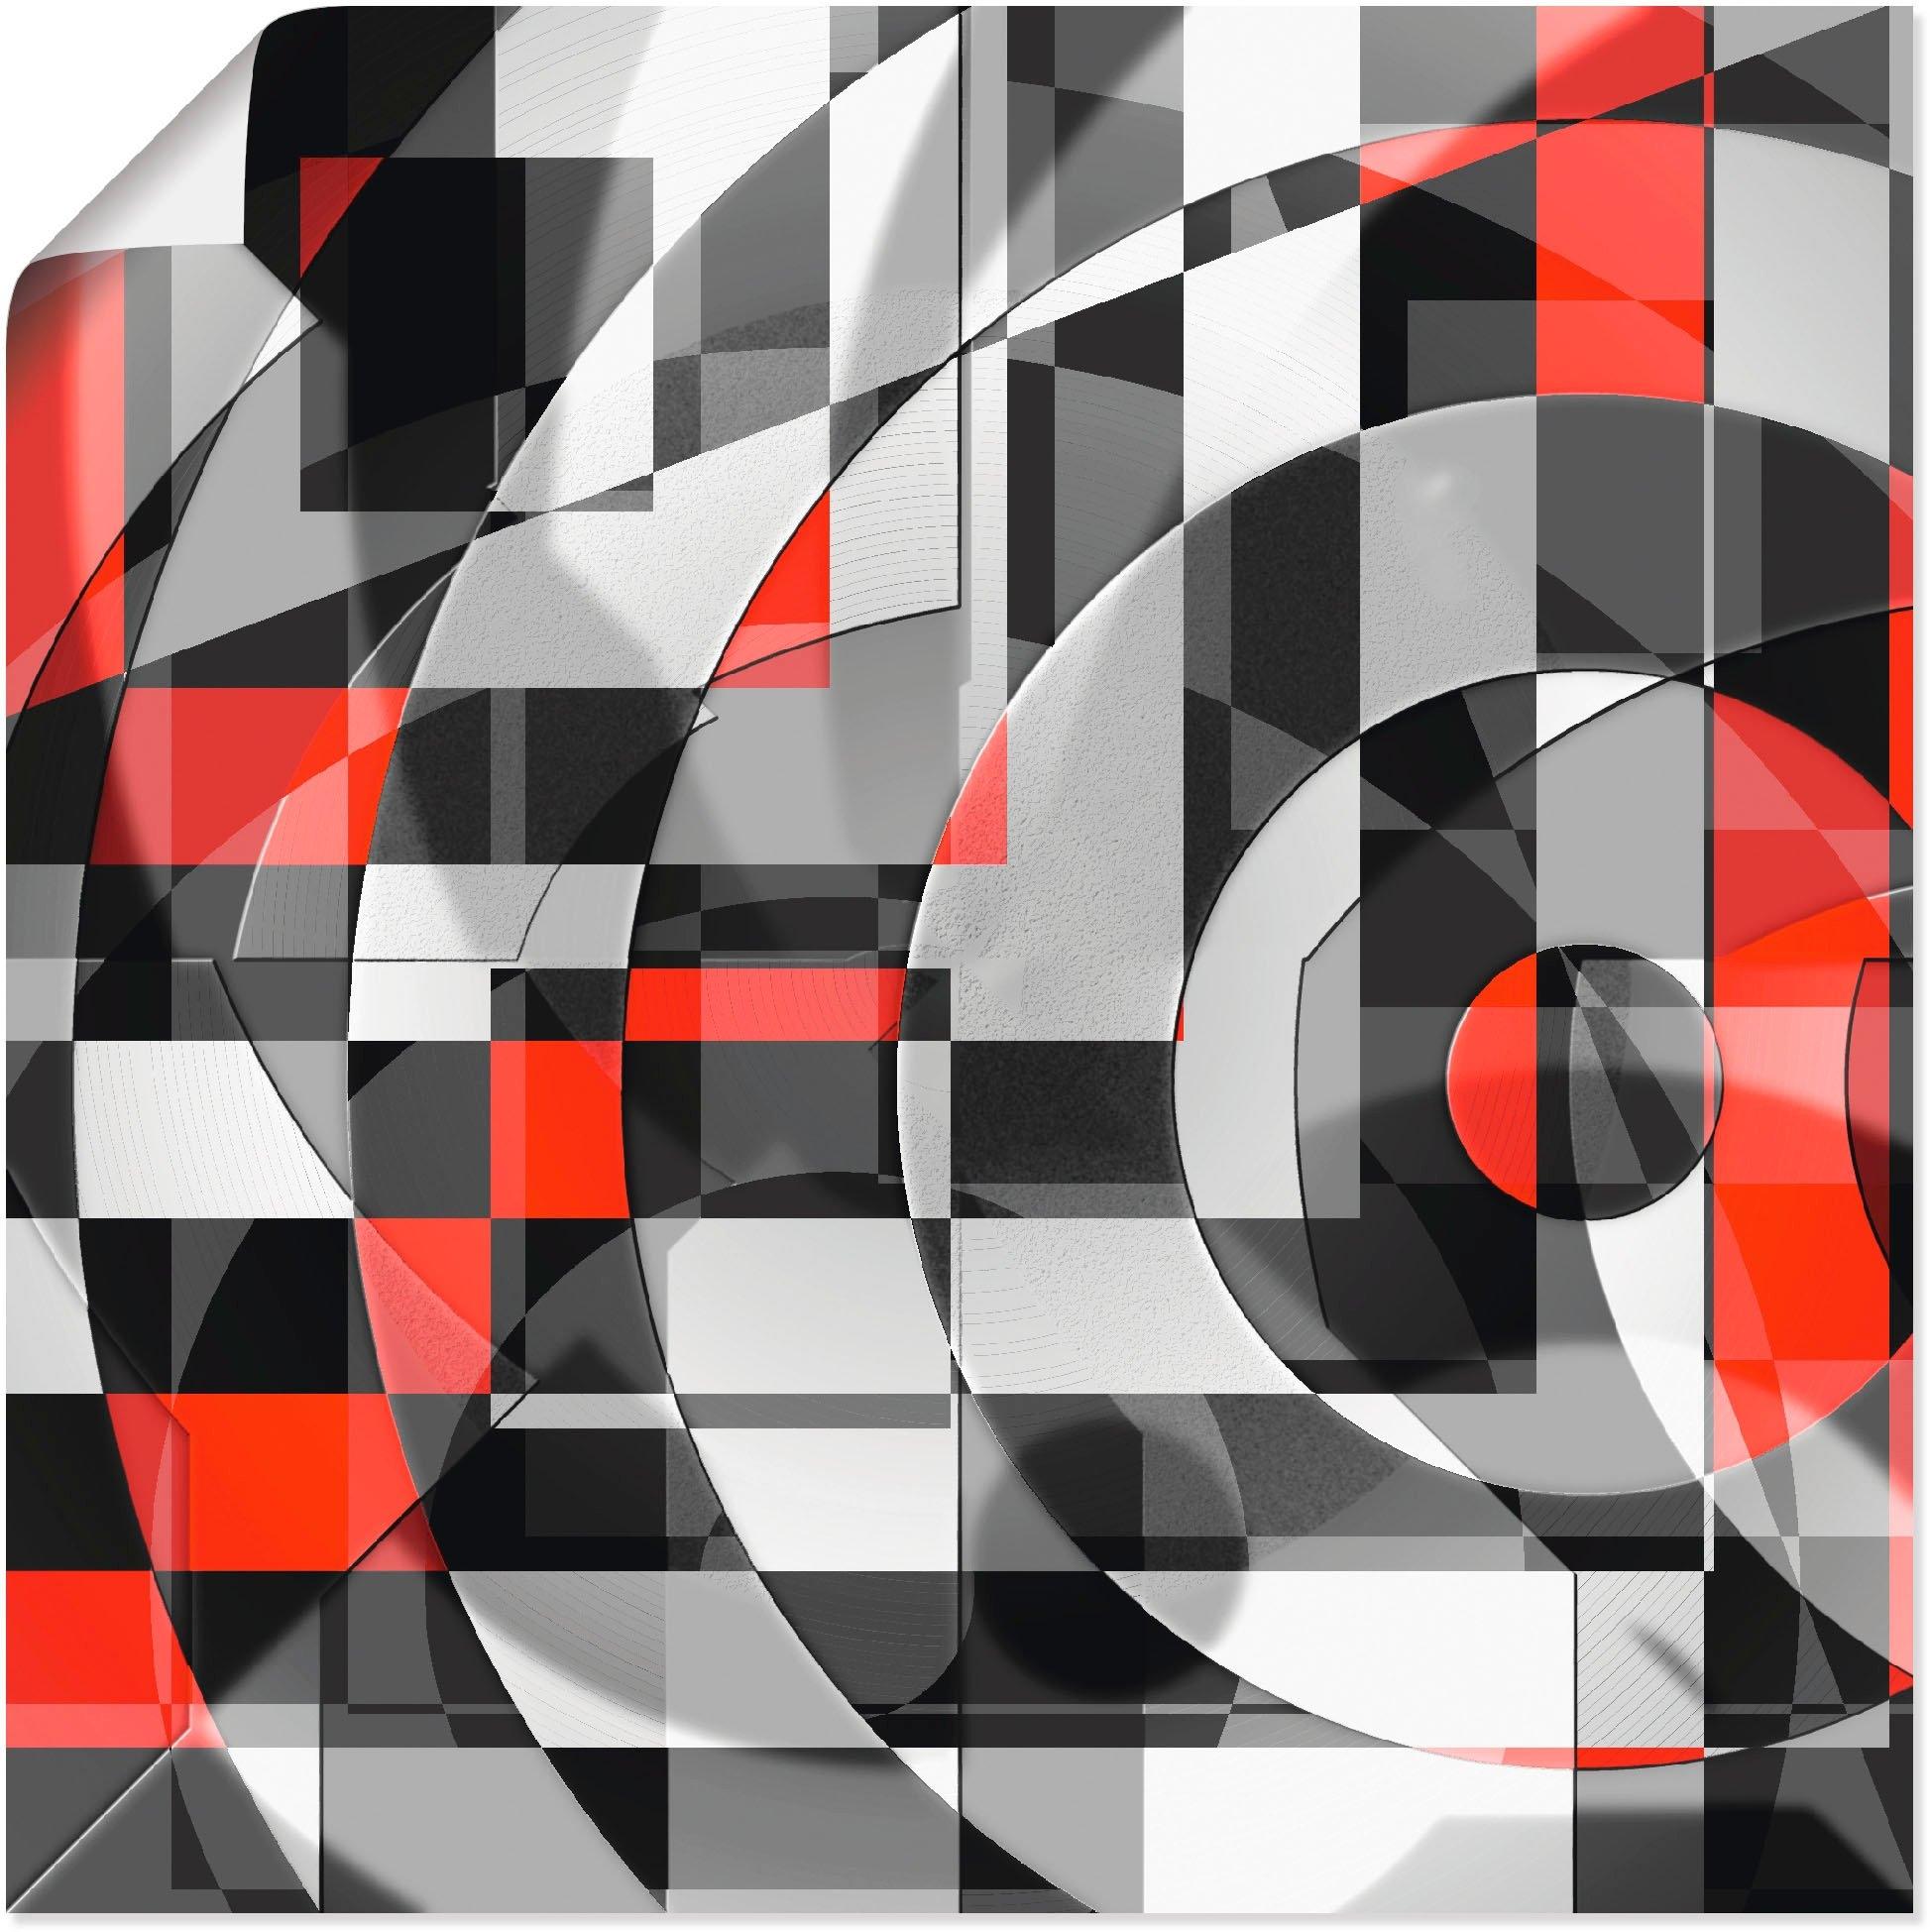 Artland Artprint Zwart-wit raakt rood versie 1 in vele afmetingen & productsoorten - artprint van aluminium / artprint voor buiten, artprint op linnen, poster, muursticker / wandfolie ook geschikt voor de badkamer (1 stuk) - gratis ruilen op otto.nl